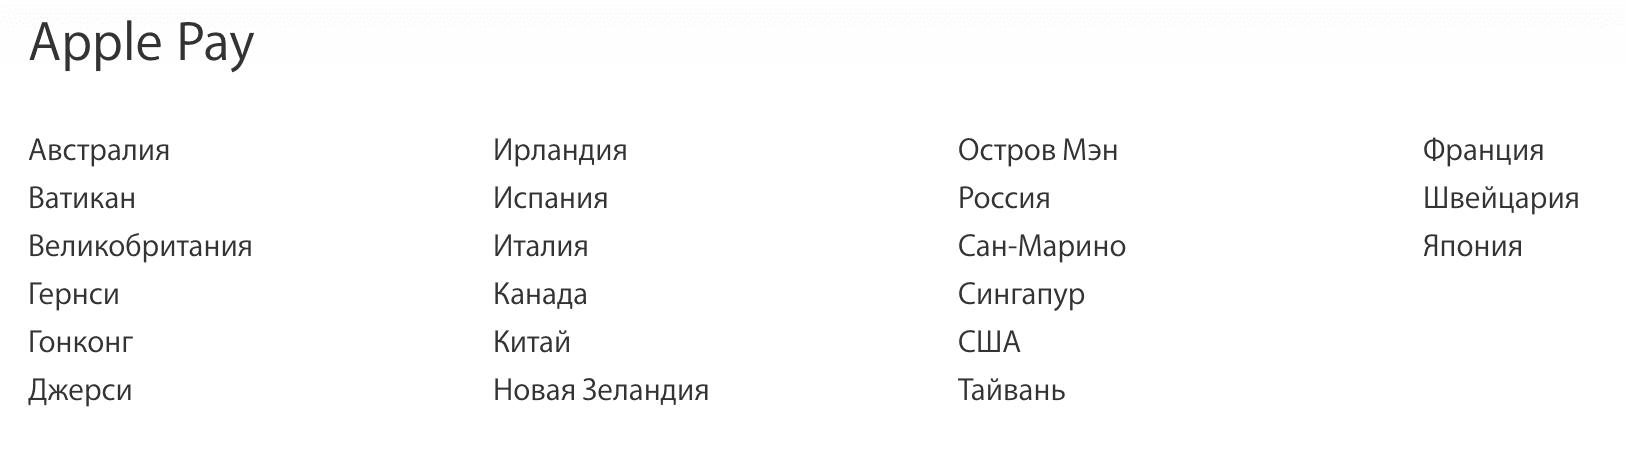 Список стран, где работает Apple Pay.5c5ac62cc82fc